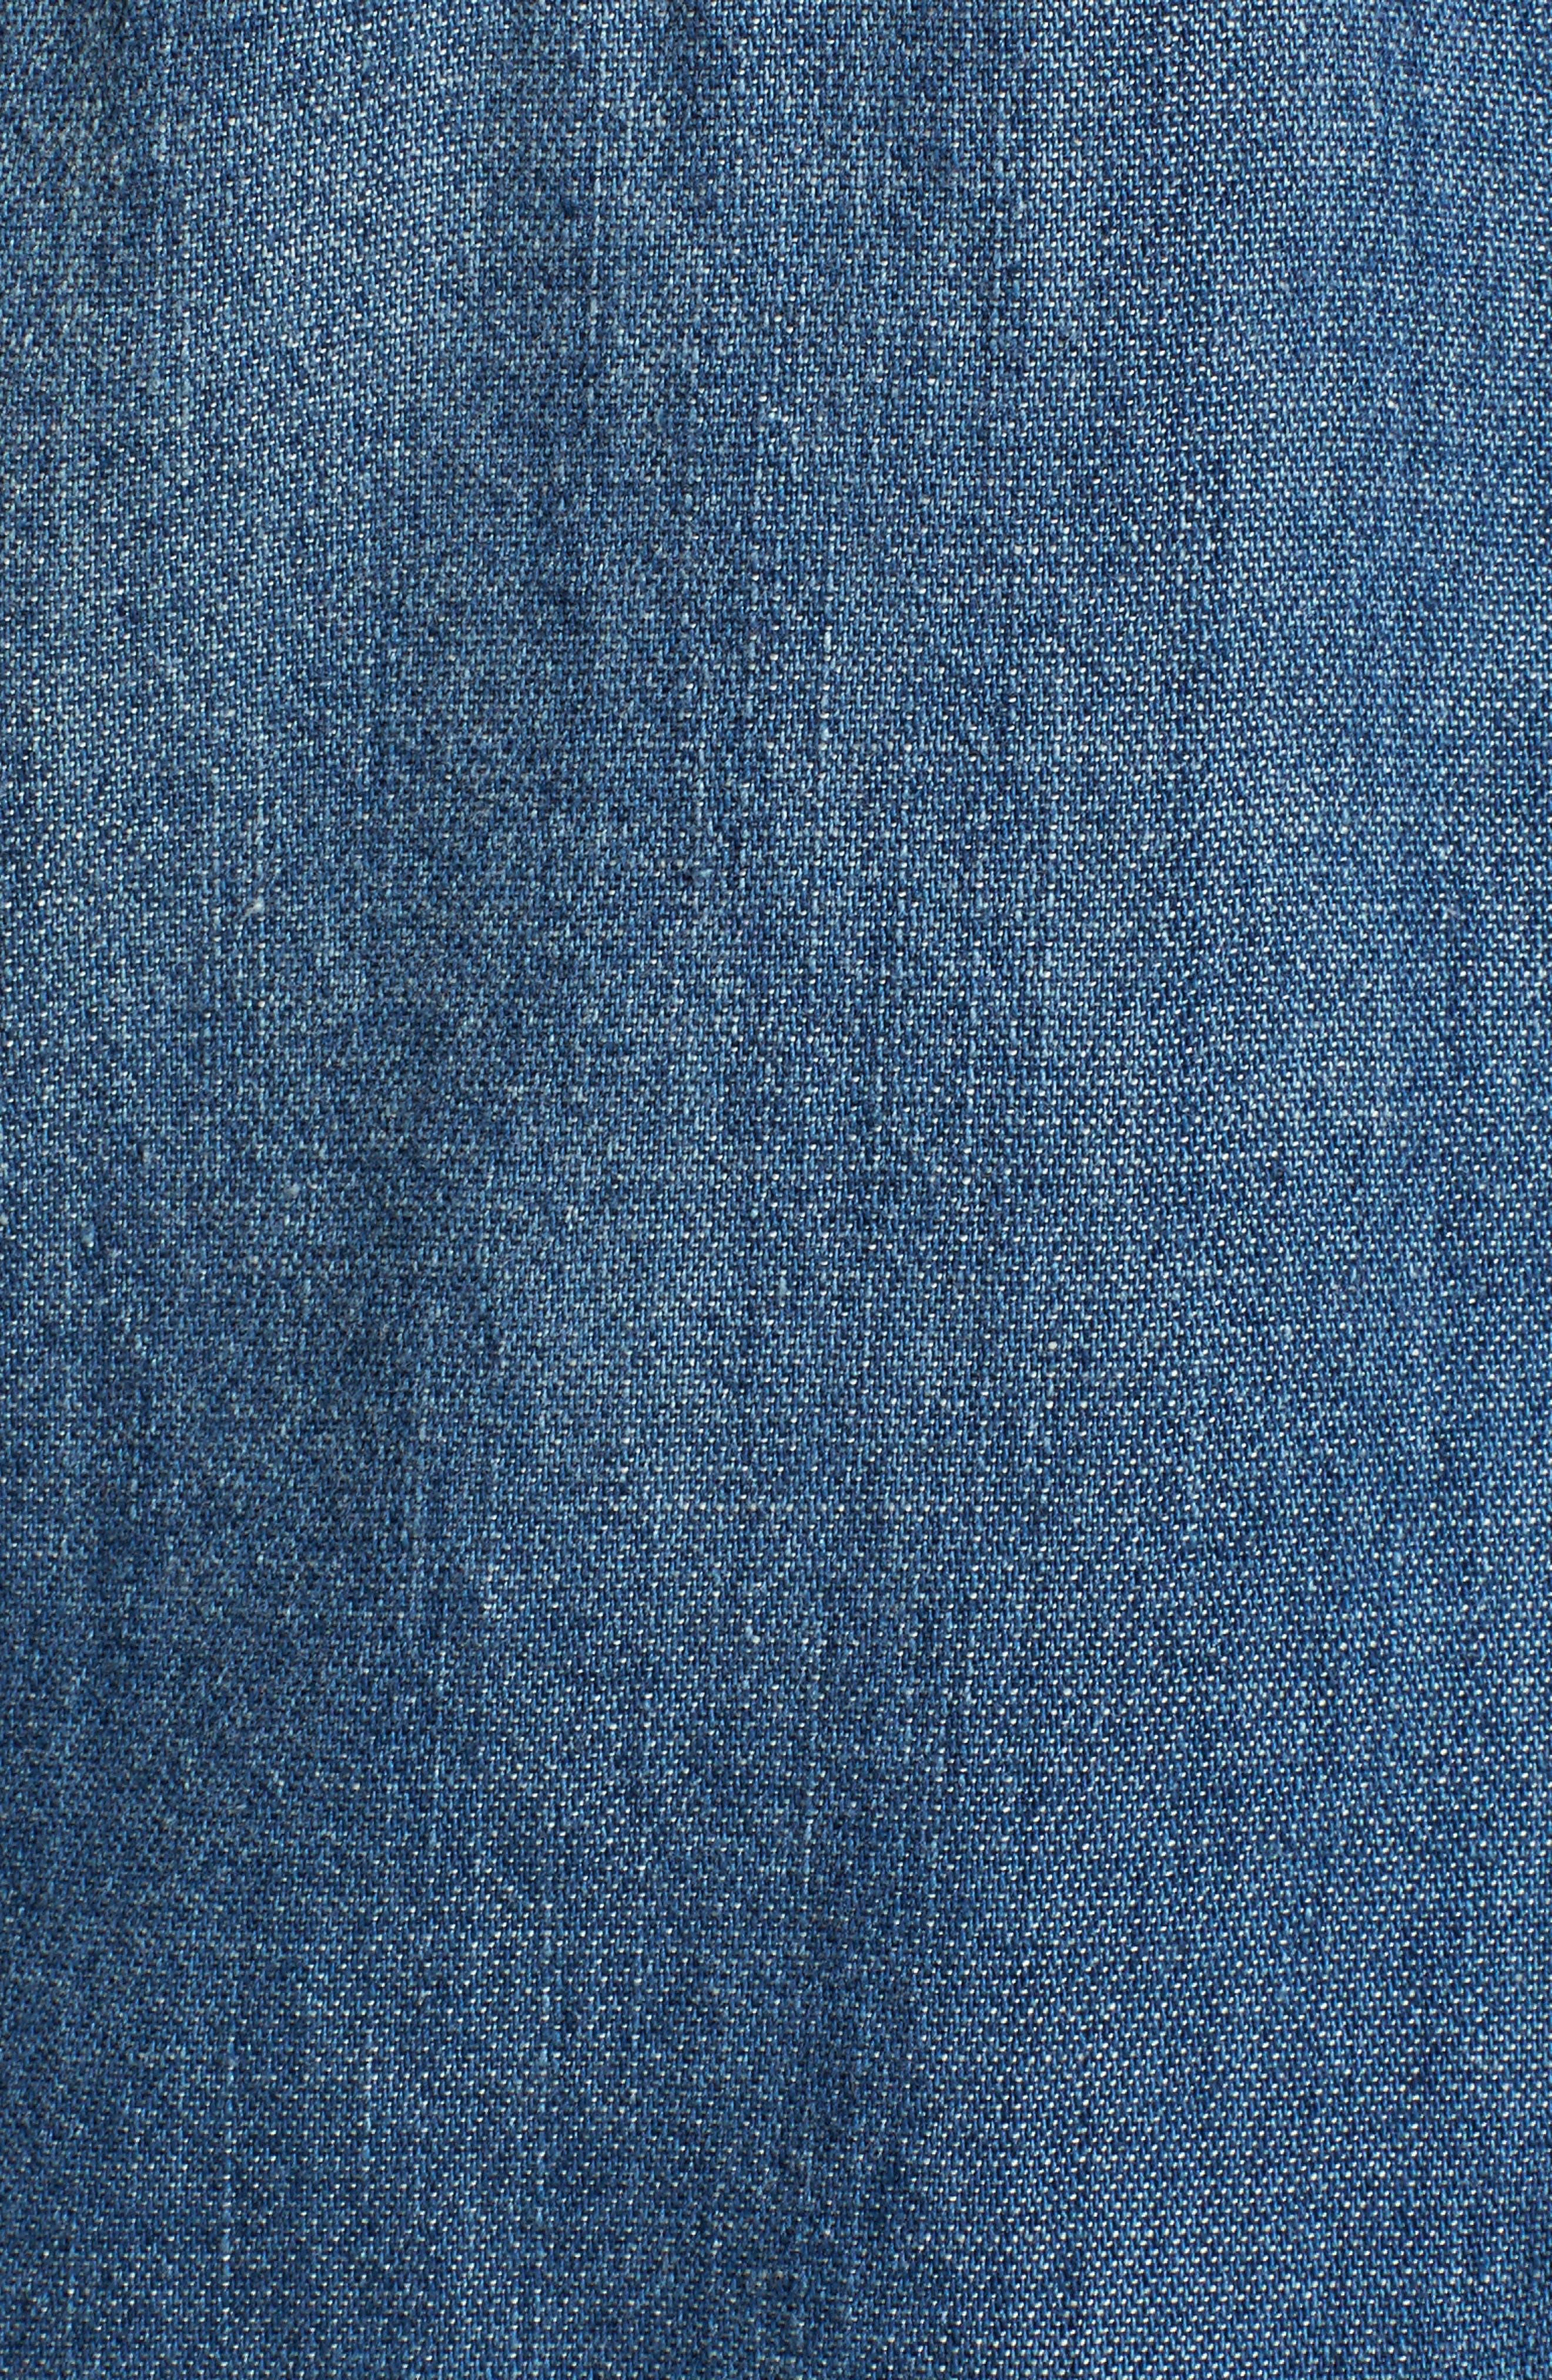 Deanna Studded Denim Shirt,                             Alternate thumbnail 5, color,                             Fountain